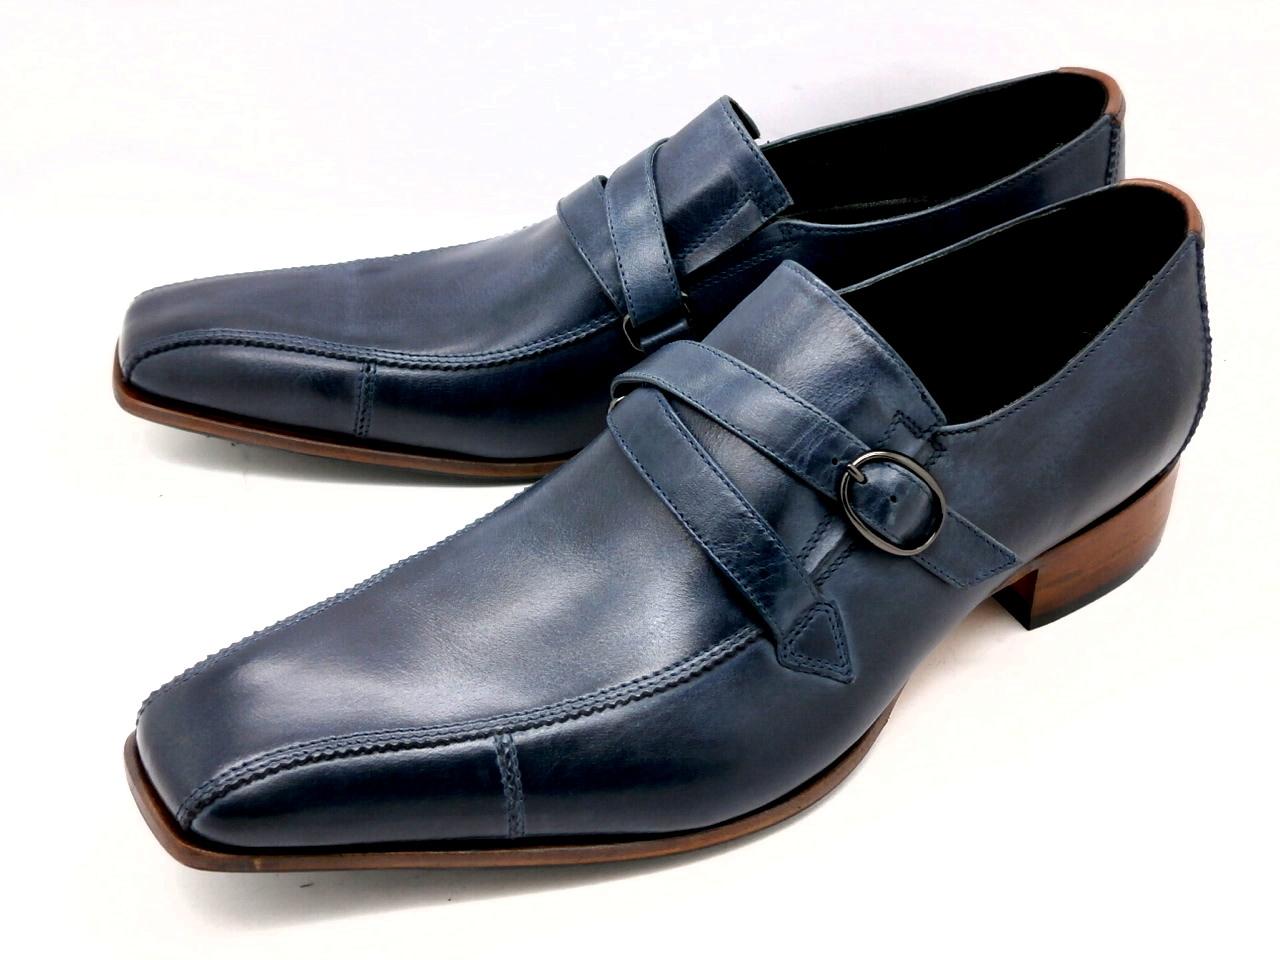 【人気ナンバーワン】キャサリンハムネット モンクストラップ 31501(ネイビー)KATHARINE HAMNETT メンズ ビジネス 靴 紳士靴